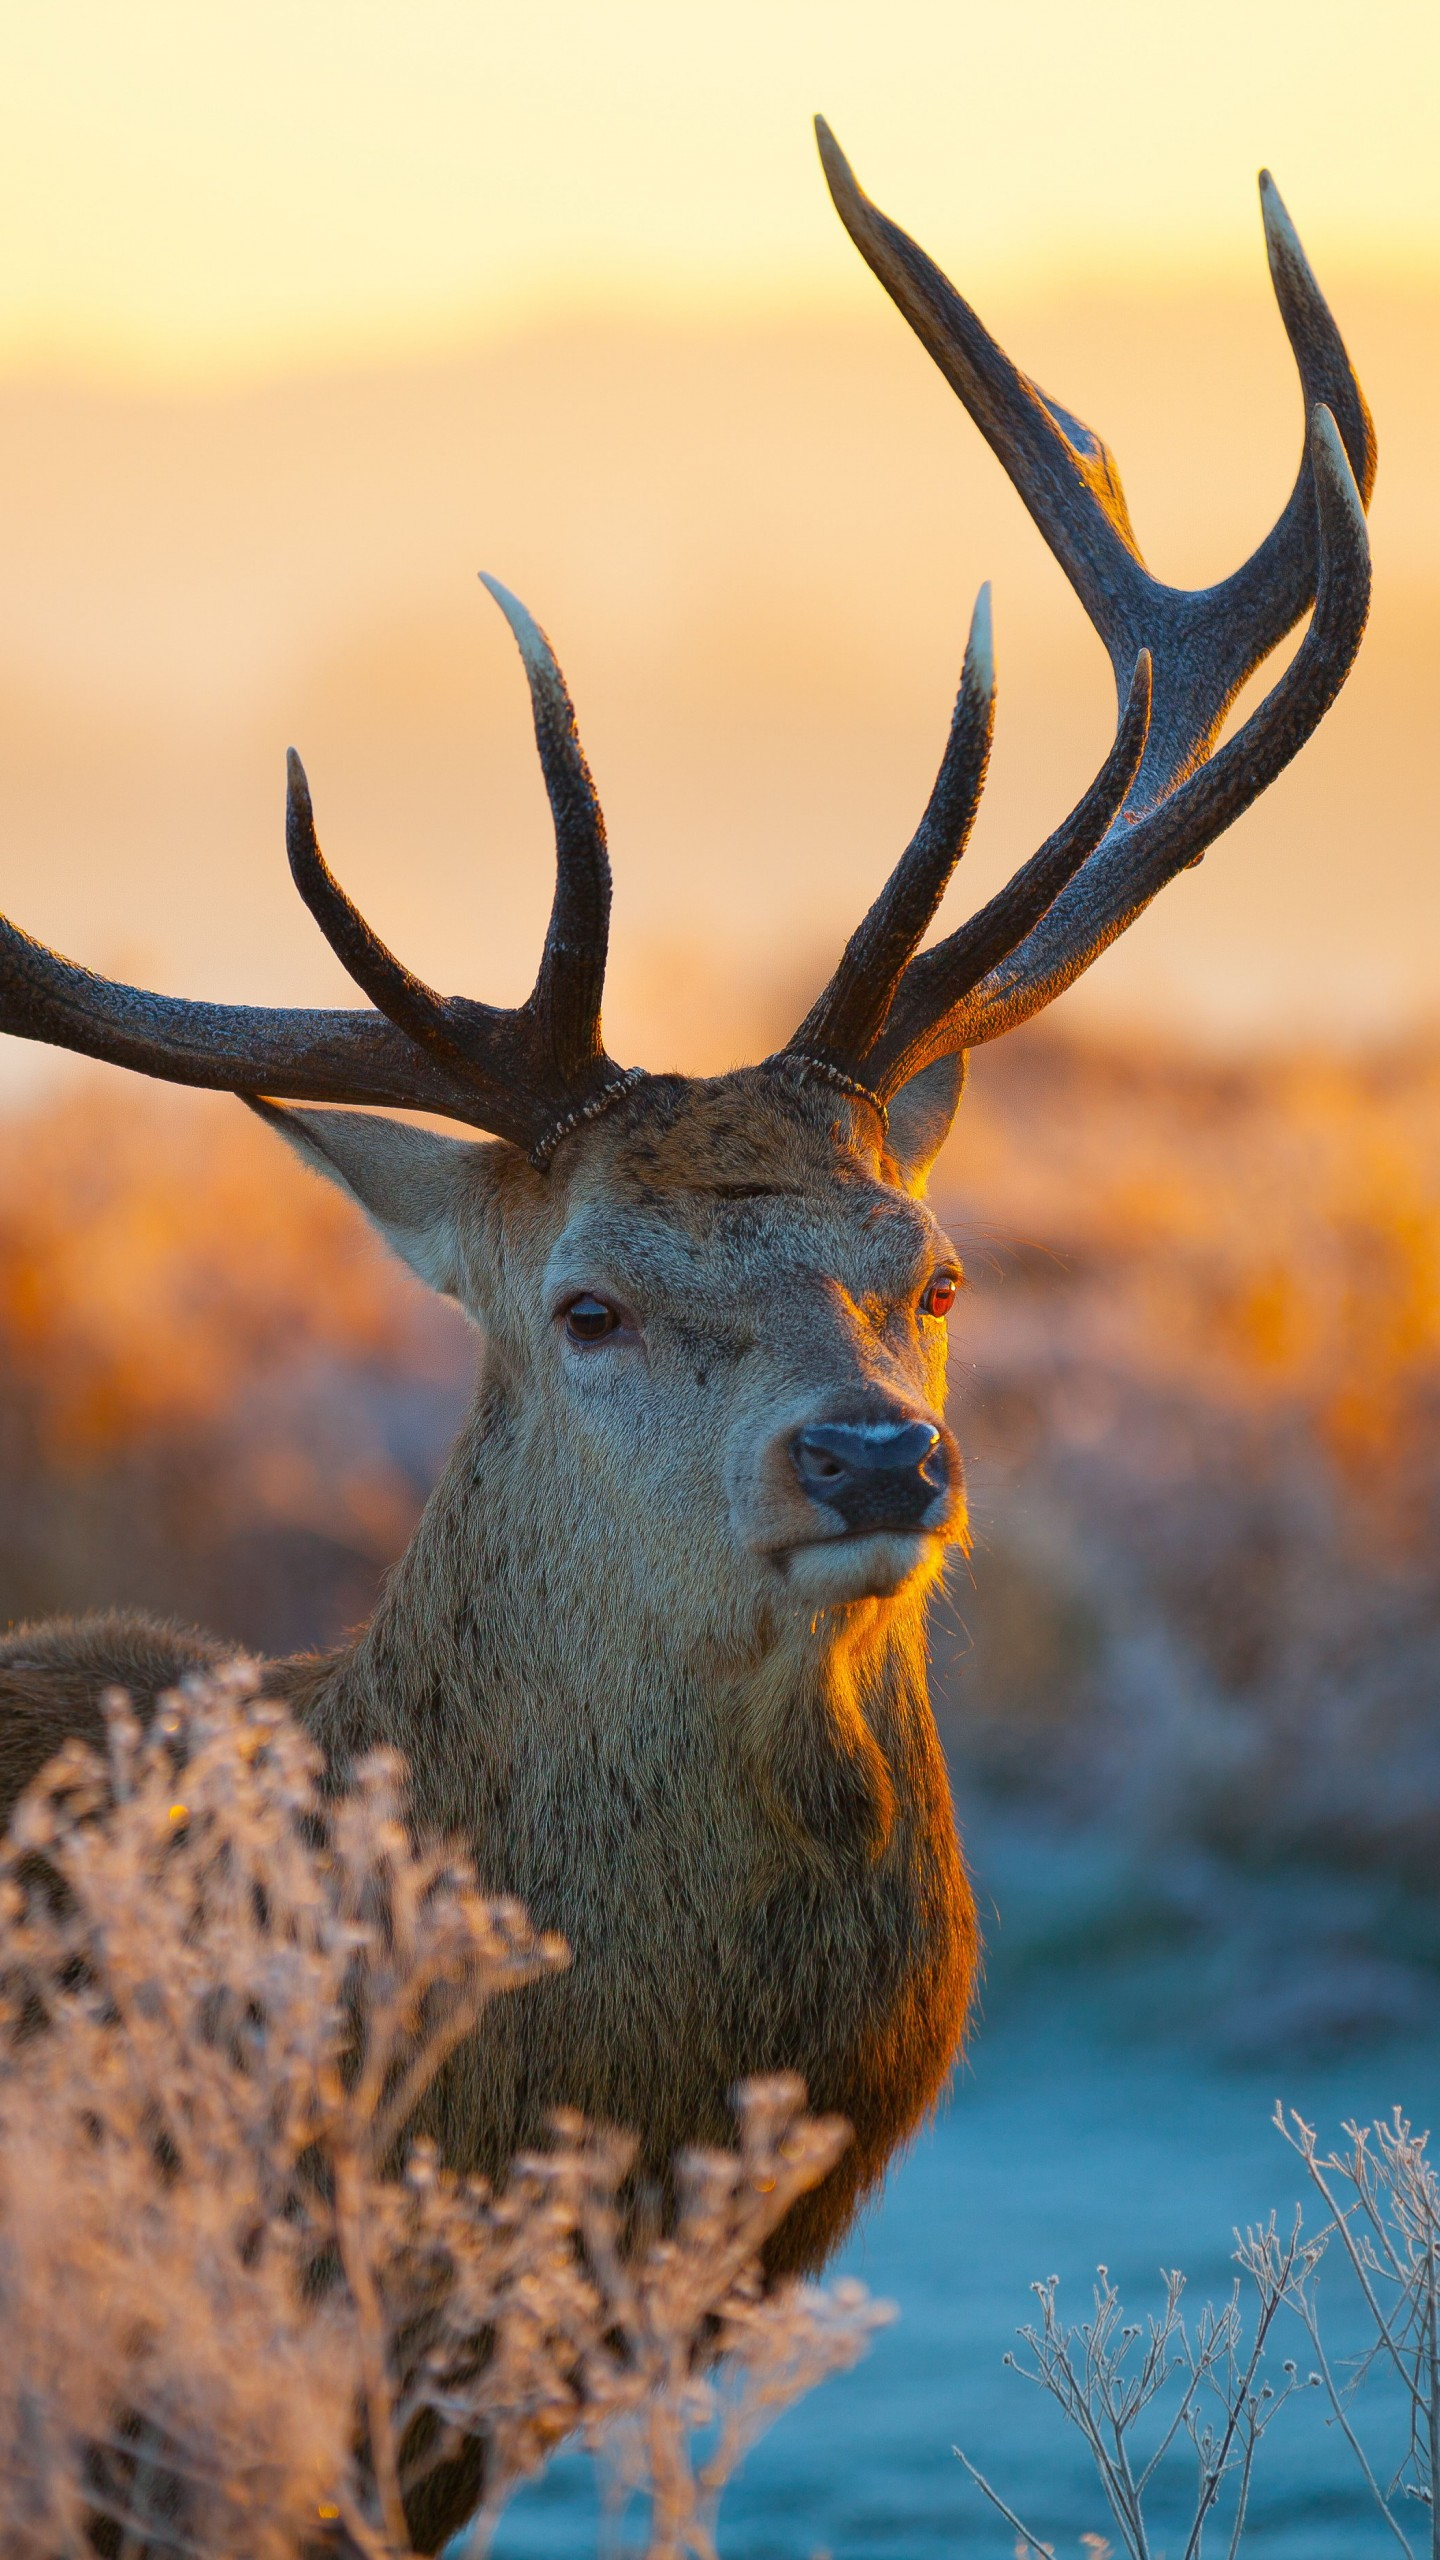 Wallpaper Deer, savanna, sunset, cute animals, Animals #4480